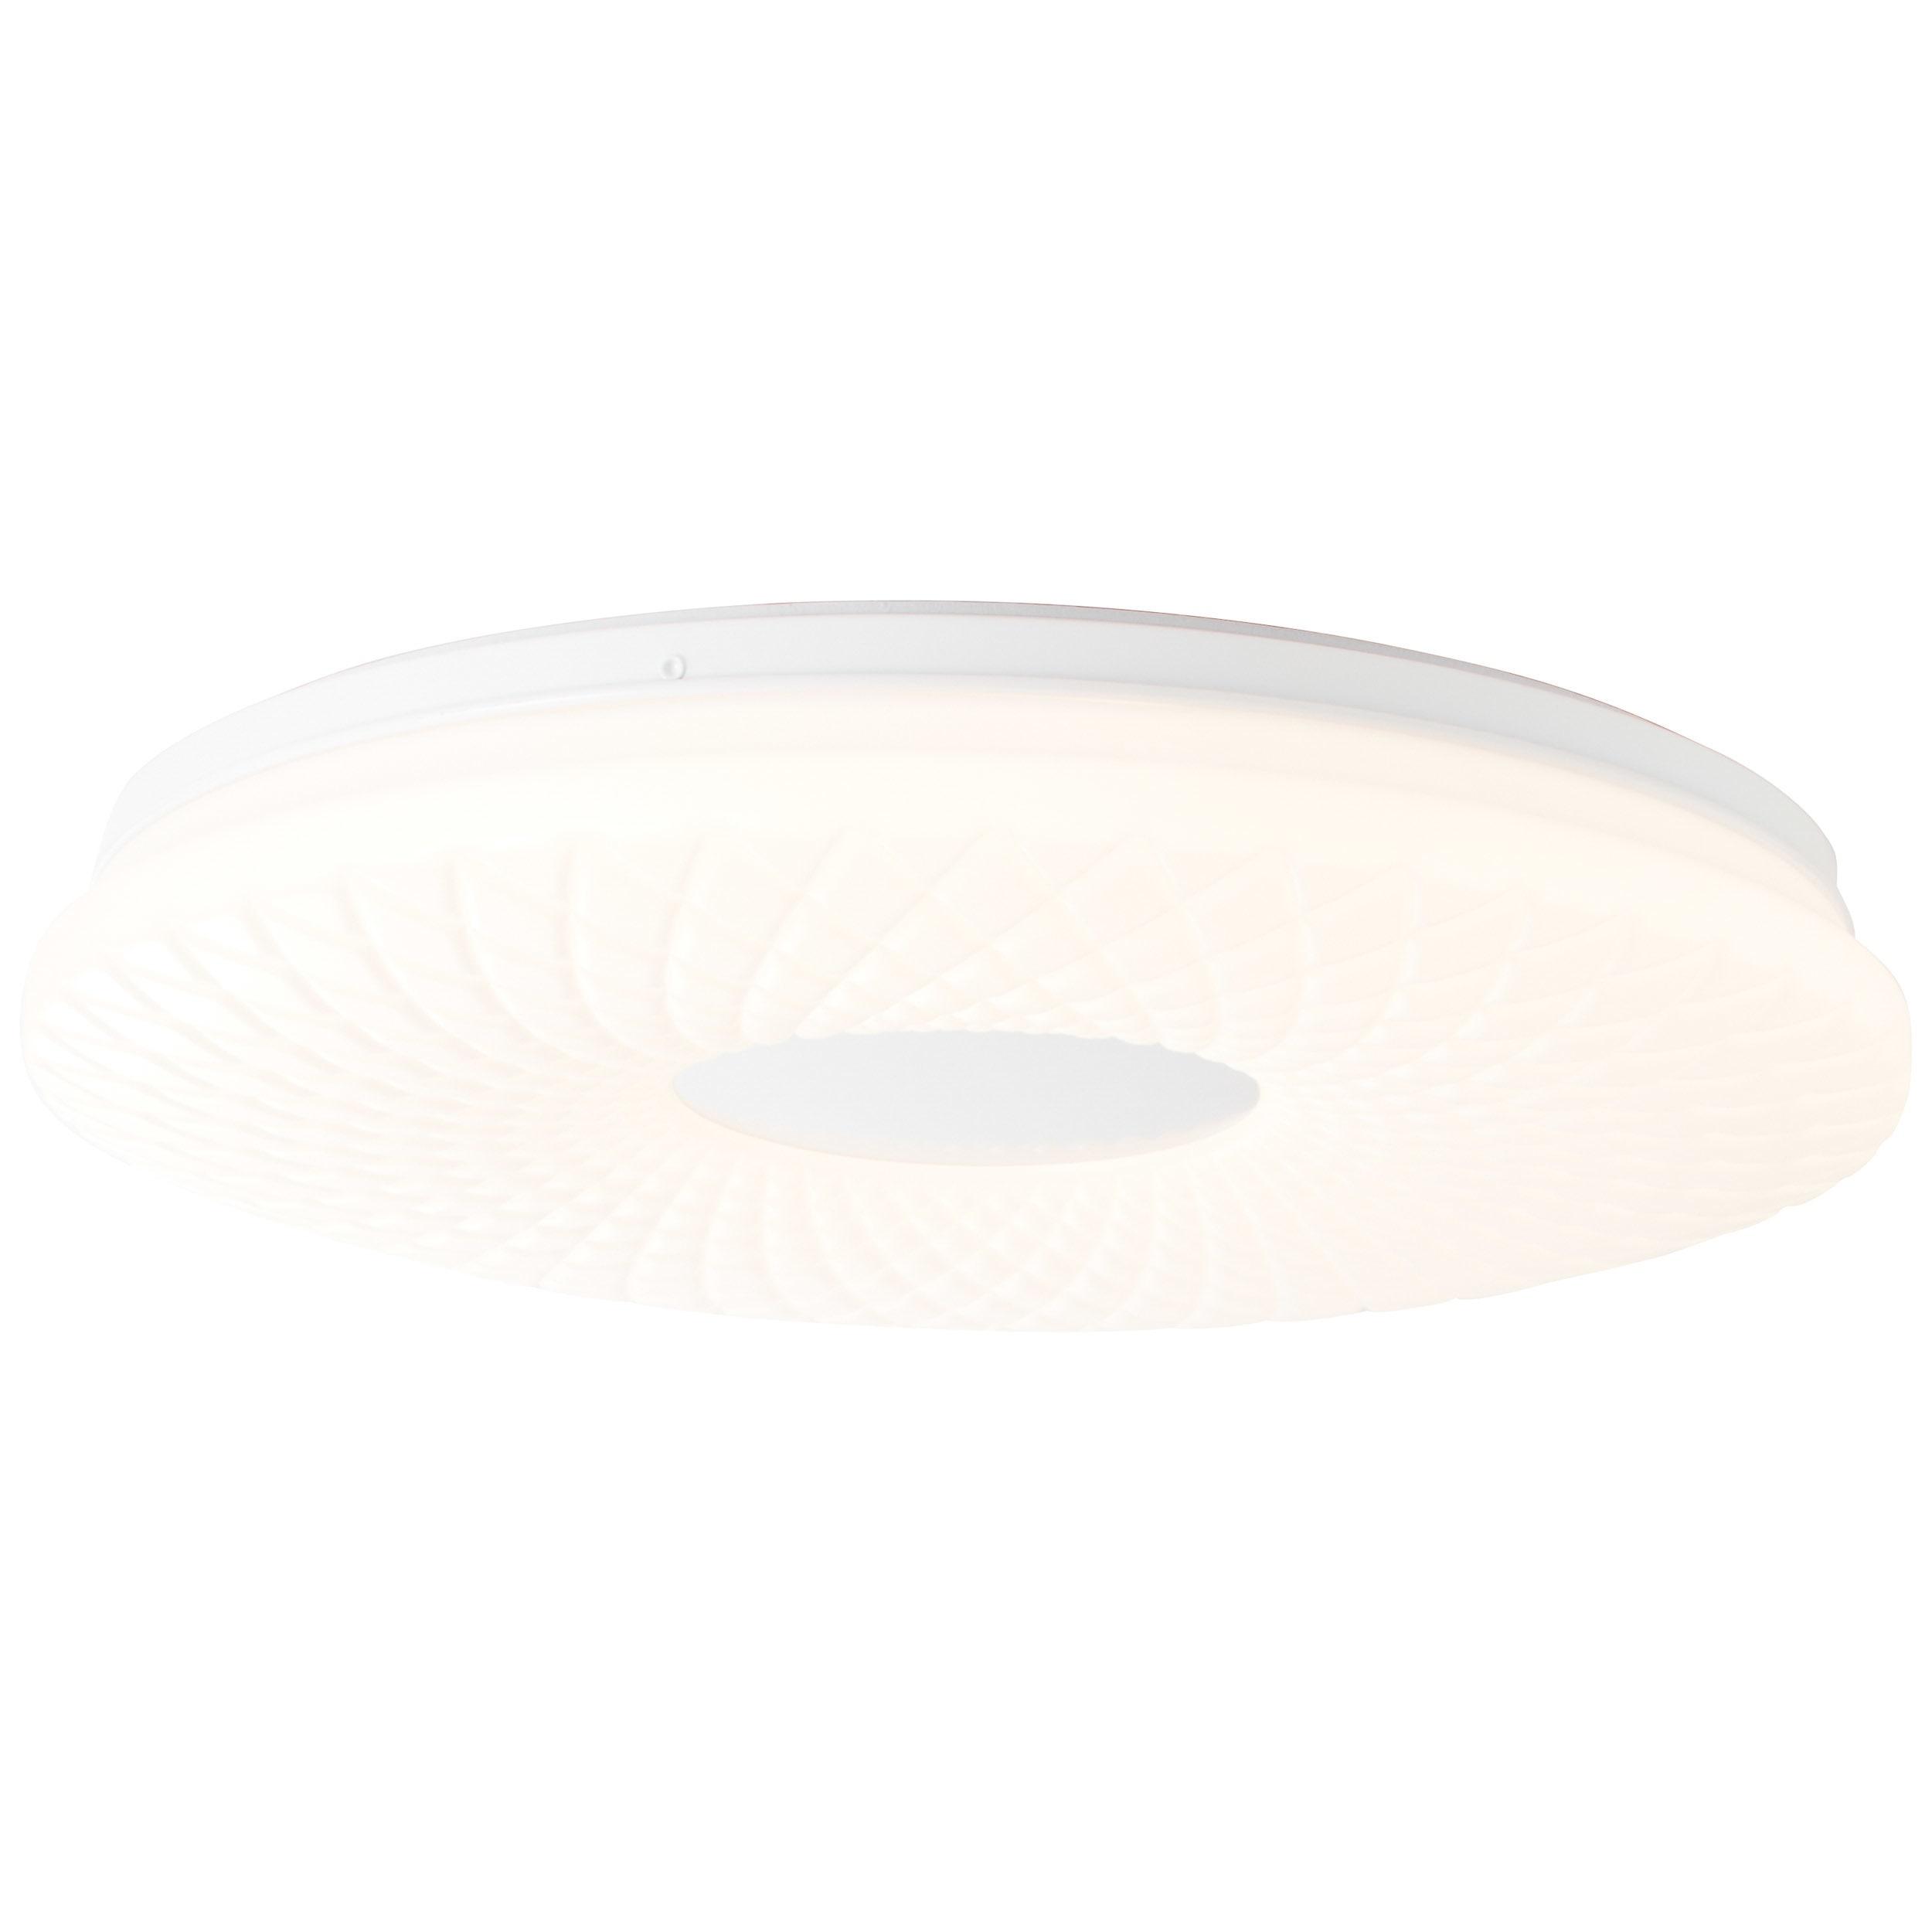 Brilliant Leuchten Ricci LED Deckenleuchte 39cm alu/weiß